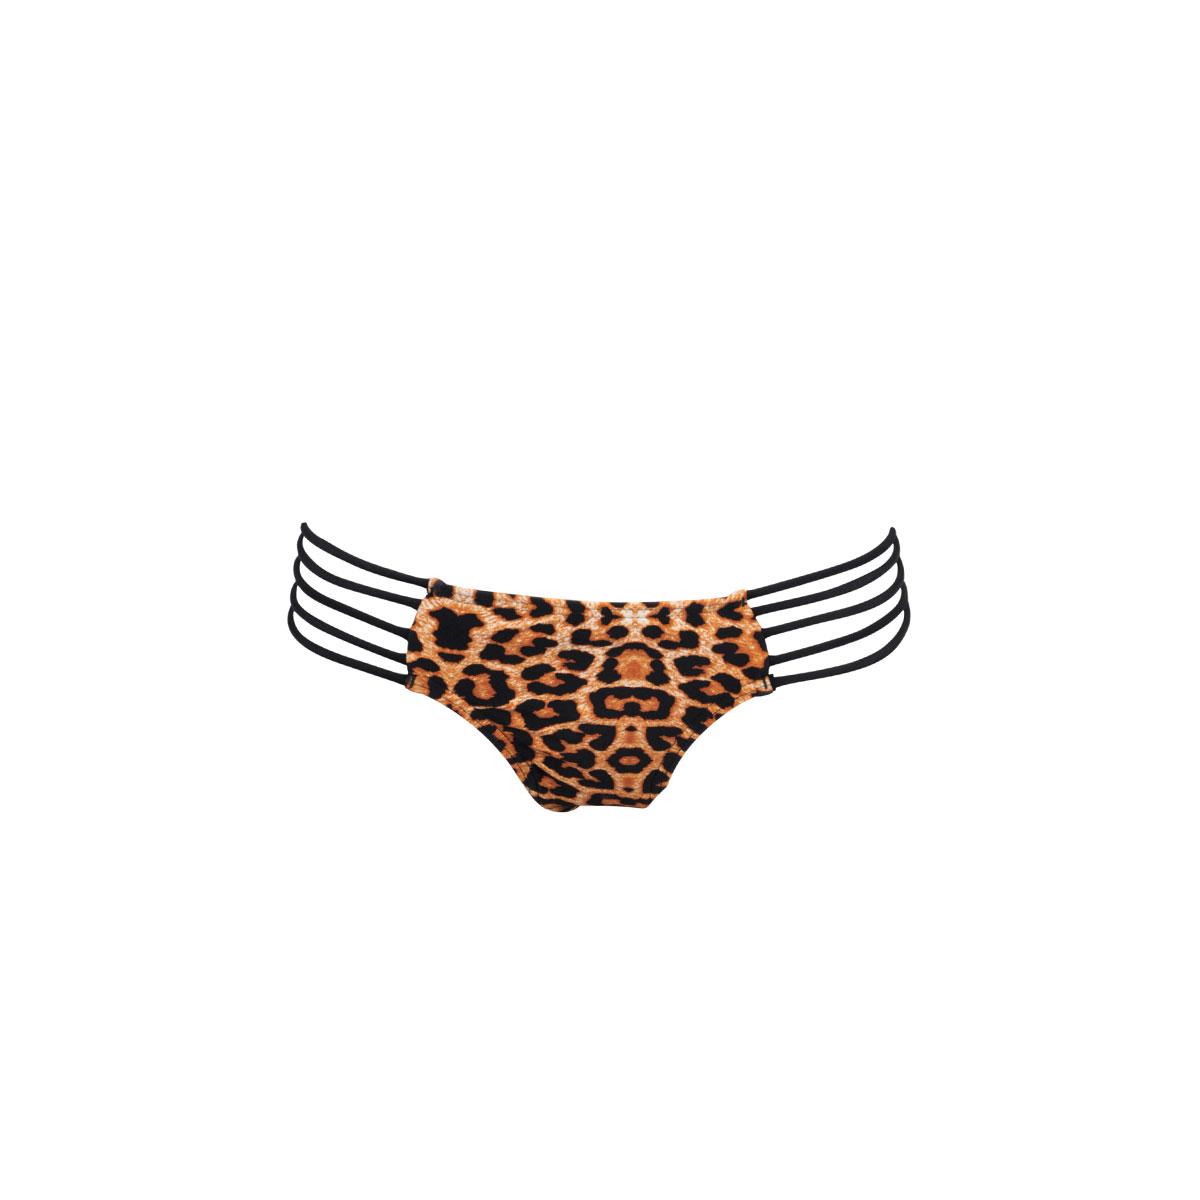 Ma Itsy Bikini-Slip Leopard, schwarz (Hose)